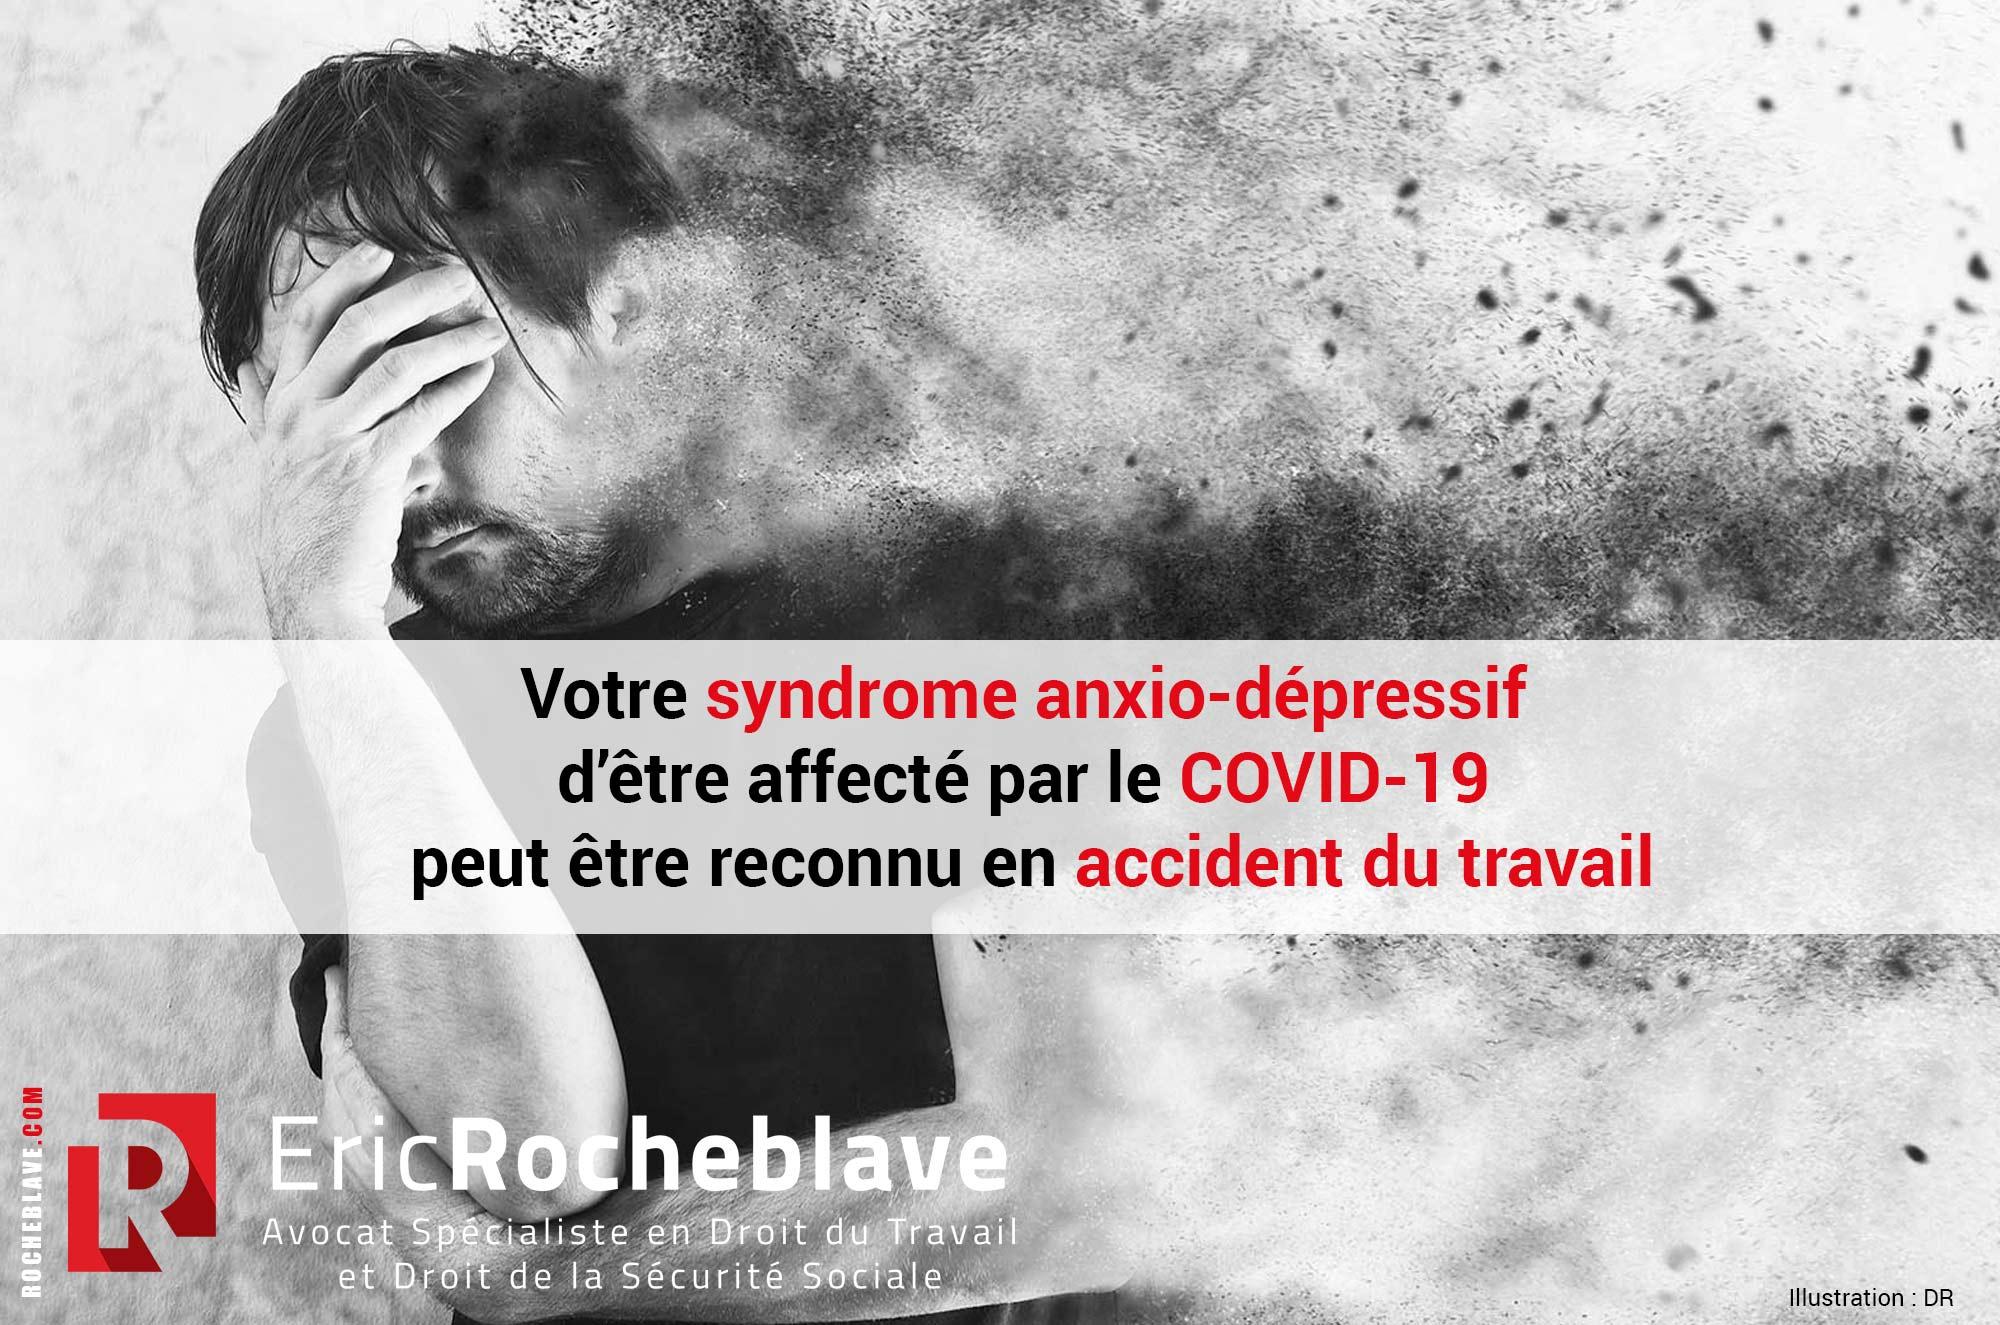 Votre syndrome anxio-dépressif d'être affecté par le COVID-19 peut être reconnu en accident du travail